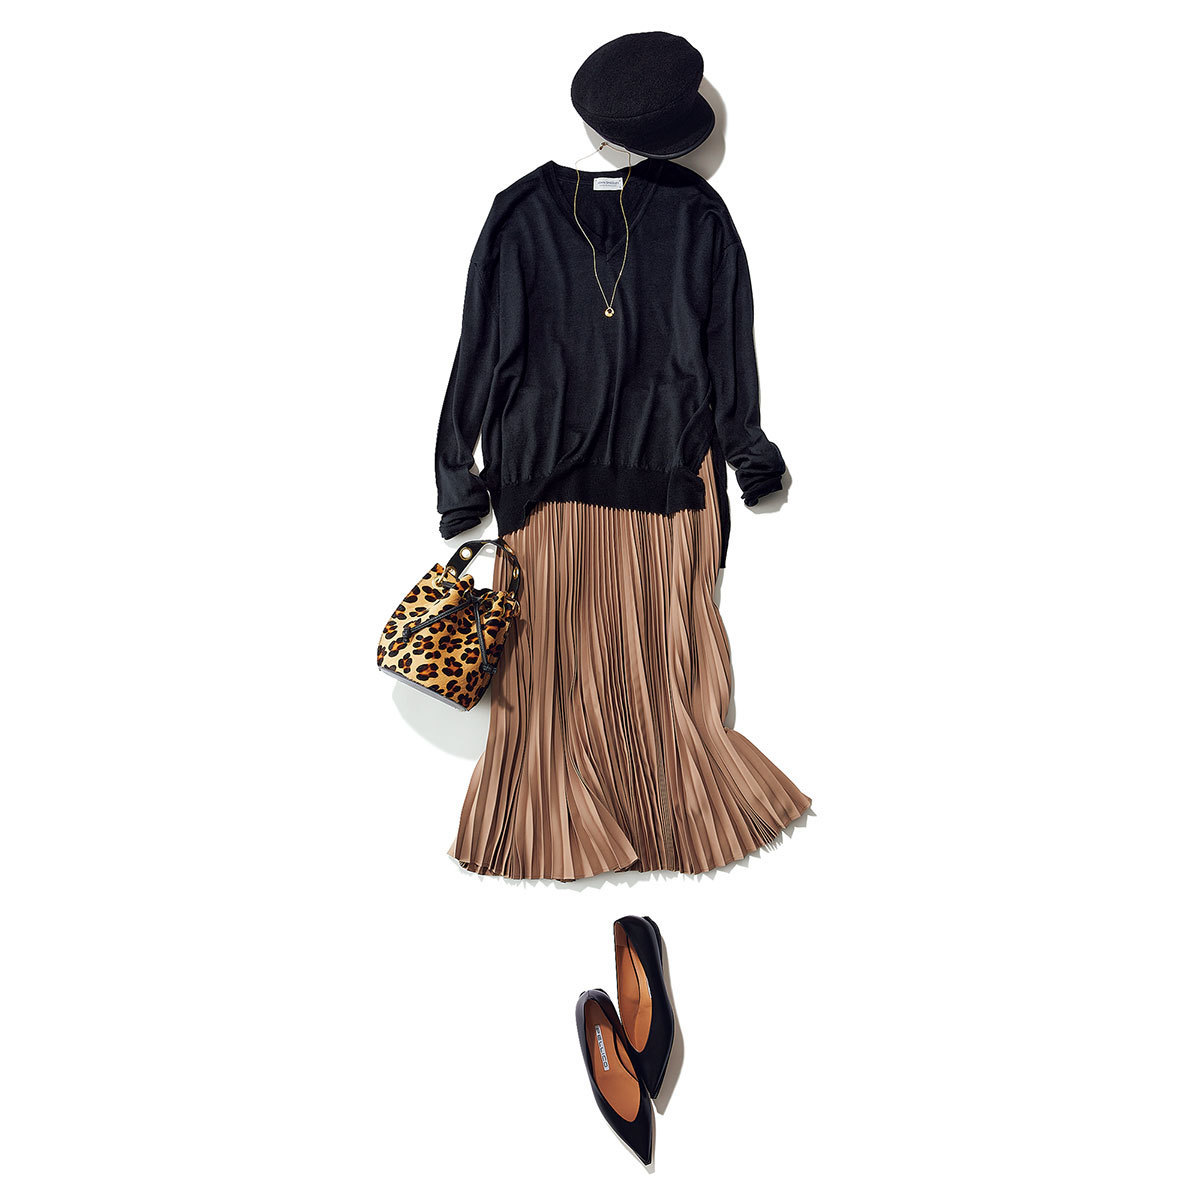 ■レオパード柄ハンドバッグ×黒ニット×プリーツスカートコーデ